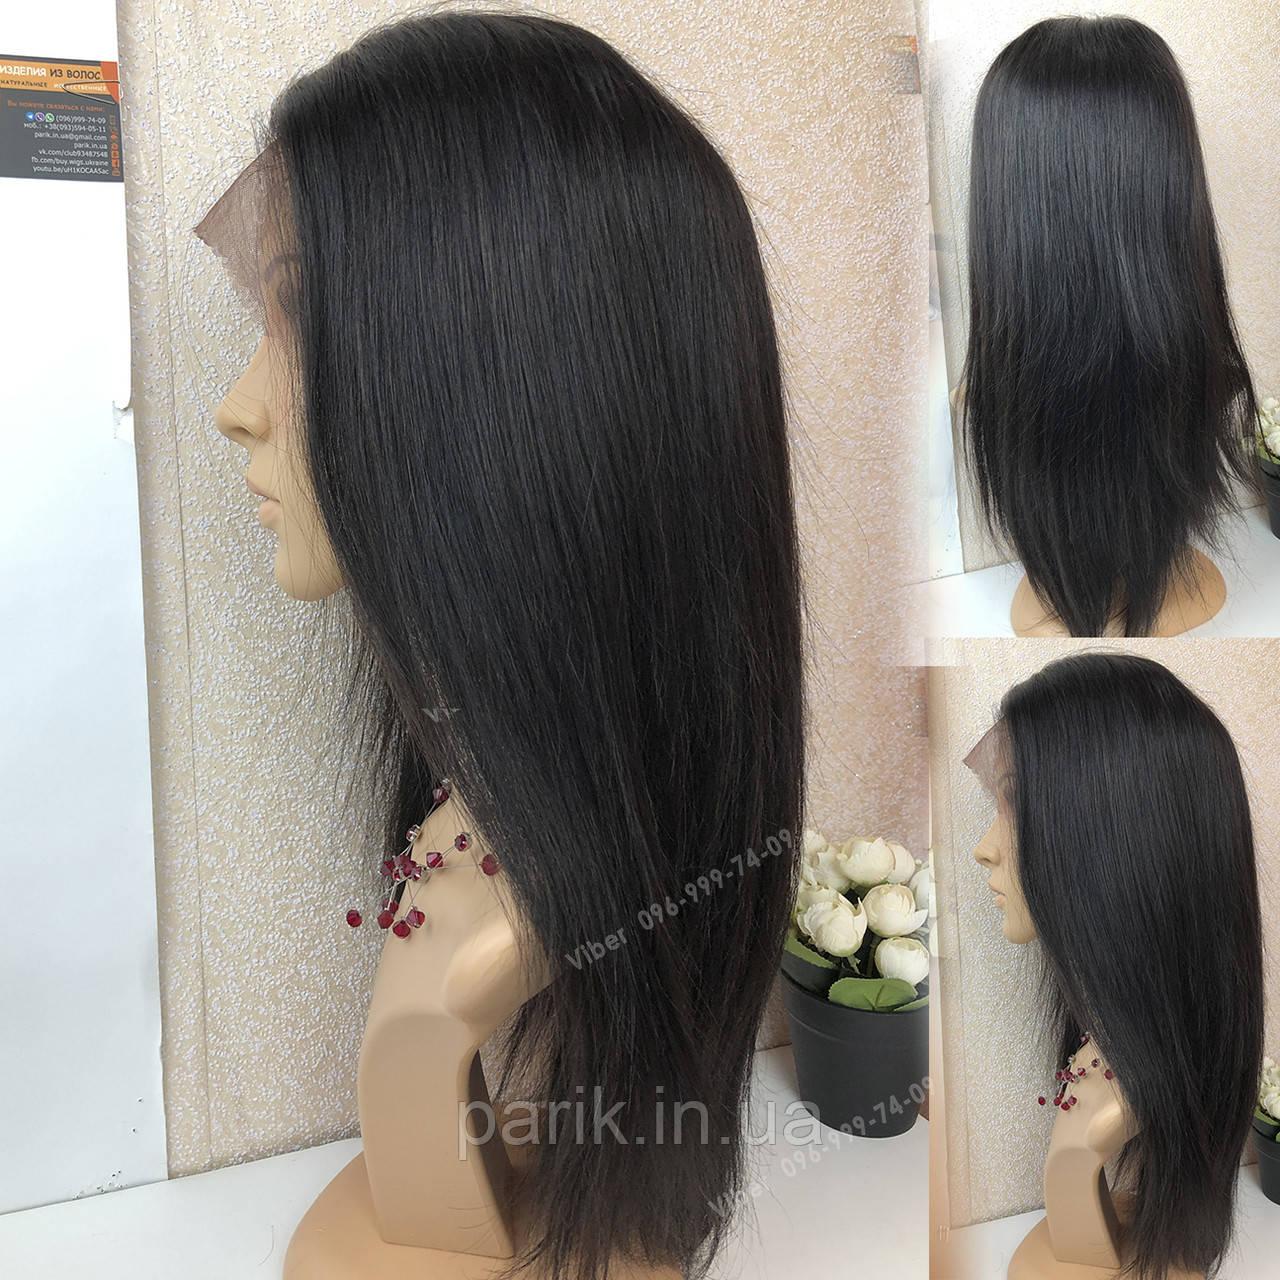 💎 Парик из натуральных волос женский, ровный волос 💎